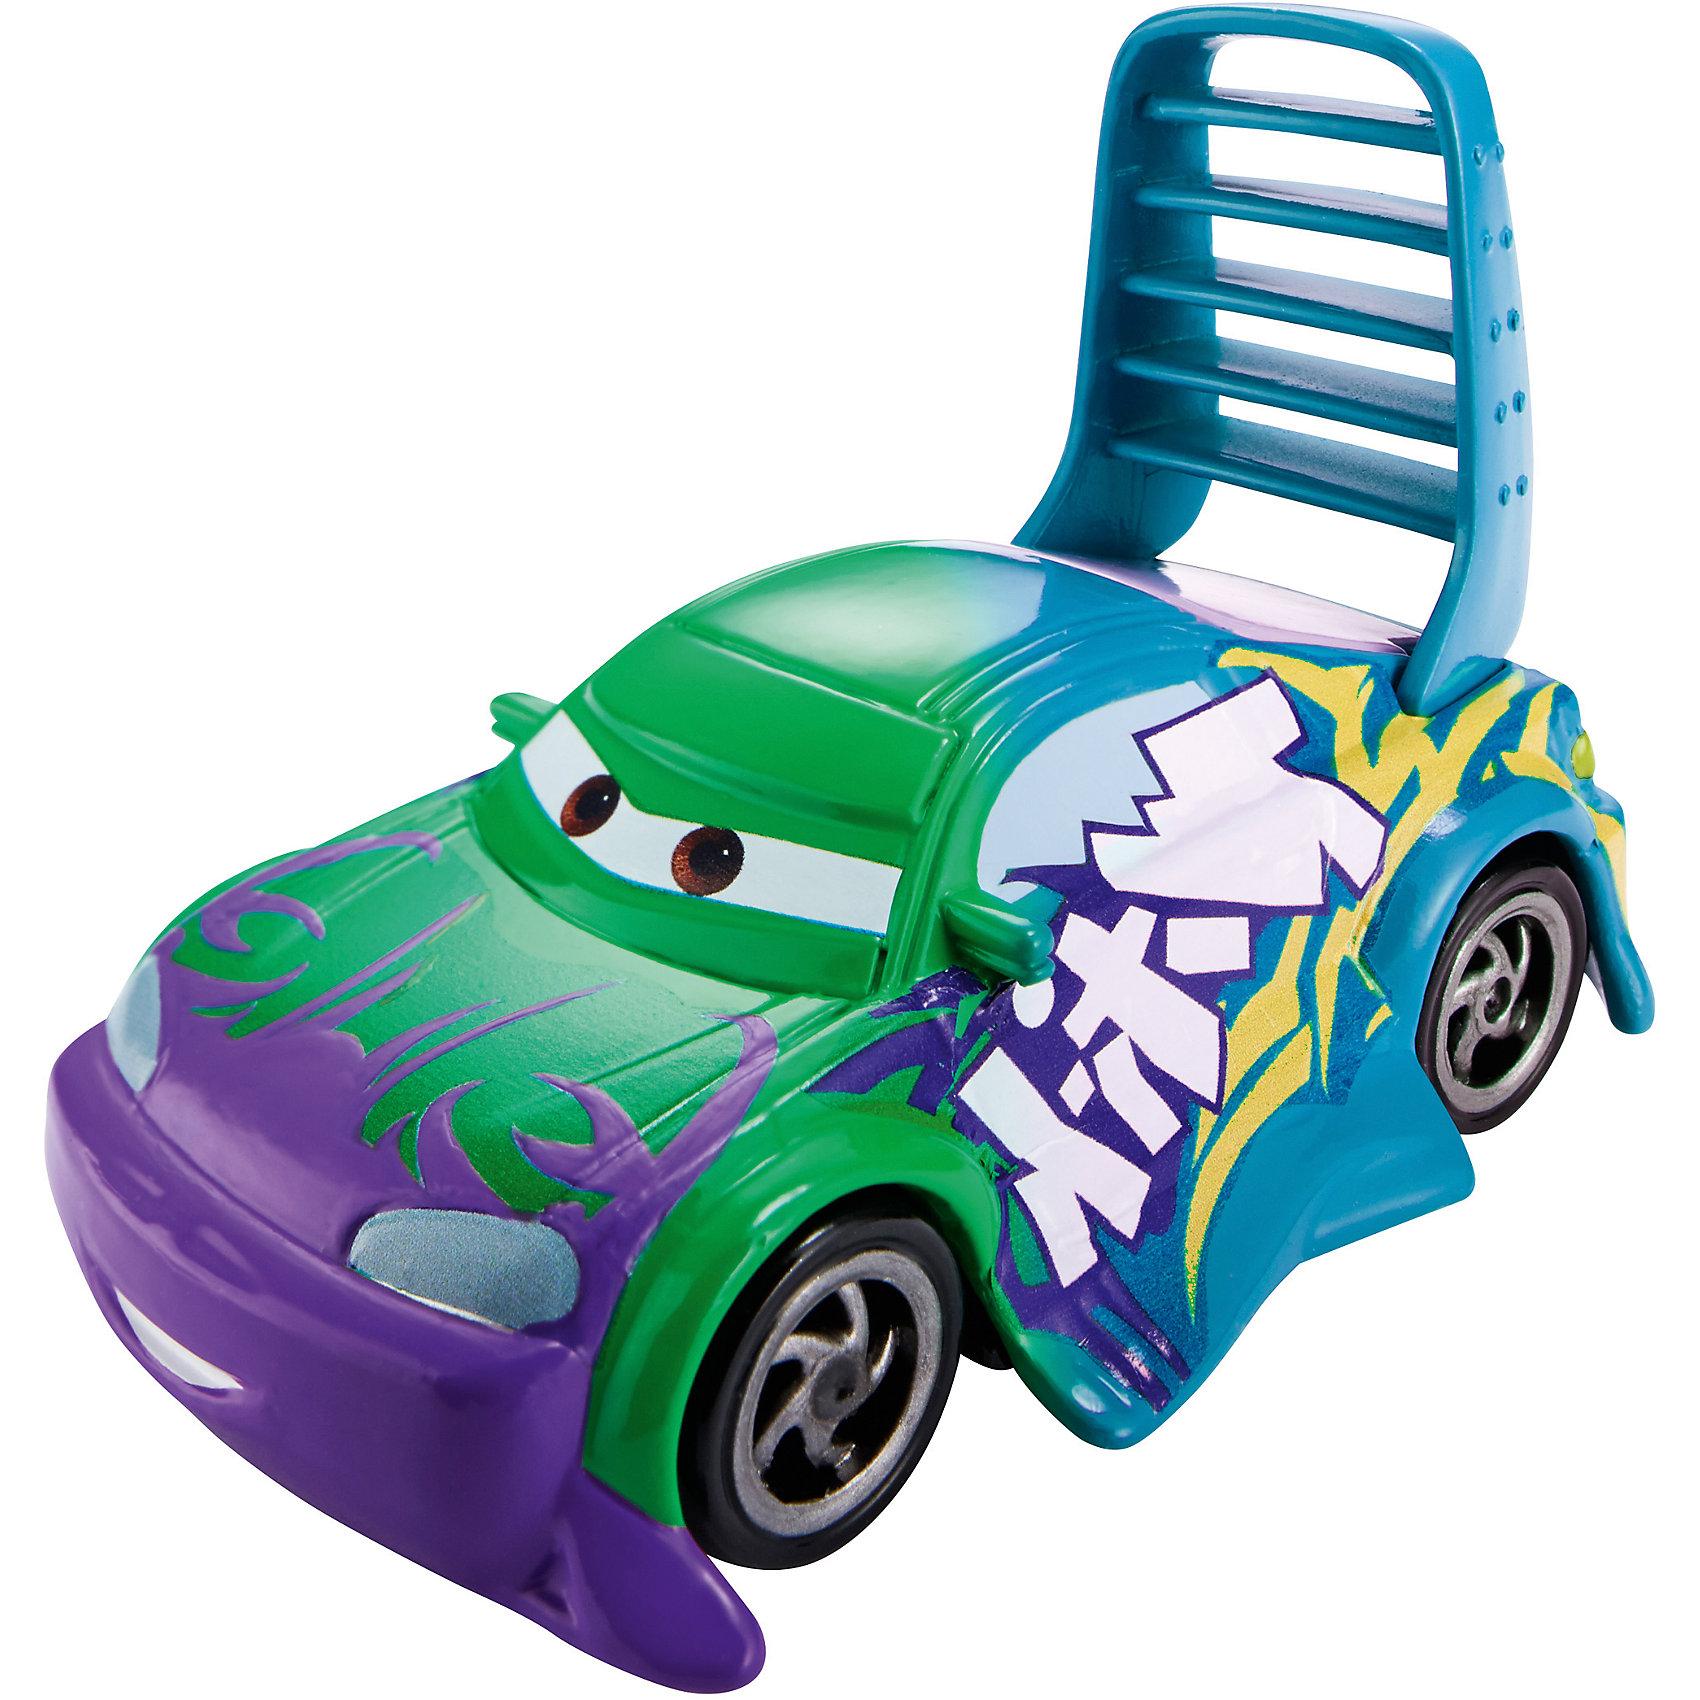 Машинка, меняющая цвет, ТачкиМашинка, меняющая цвет, Тачки от Mattel (Маттел) ? герои любимого мультфильма Тачки представлены в новой уникальной серии Color Changers от Mattel. Машинка выполнена из высококачественного пластика, устойчивого к механическим повреждениям. У машины вращающиеся колеса и инерционный механизм. <br>Машинка Винтец выполнена в фиолетовых, голубых и зеленых оттенках. При погружении в воду, корпус машинки меняет цвет, насыщенность цвета зависит от температуры воды.<br>Машинка, меняющая цвет, Тачки от Mattel (Маттел) позволит не только создать уникальный дизайн машинки, но и воспроизвести полюбившиеся сцены из мультфильма или придумать свою историю с главными героями.<br><br>Дополнительная информация:<br><br>- Вид игр: сюжетно-ролевые <br>- Предназначение: для дома<br>- Серия: Color Changers<br>- Материал: пластик<br>- Размер: 4,5*14*21,5 см<br>- Вес: 84 г <br>- Особенности ухода: разрешается мыть<br><br>Подробнее:<br><br>• Для детей в возрасте: от 3 лет и до 10 лет<br>• Страна производитель: Китай<br>• Торговый бренд: Mattel<br><br>Машинку, меняющую цвет, Тачки от Mattel (Маттел) можно купить в нашем интернет-магазине.<br><br>Ширина мм: 45<br>Глубина мм: 140<br>Высота мм: 215<br>Вес г: 84<br>Возраст от месяцев: 36<br>Возраст до месяцев: 120<br>Пол: Мужской<br>Возраст: Детский<br>SKU: 4918467